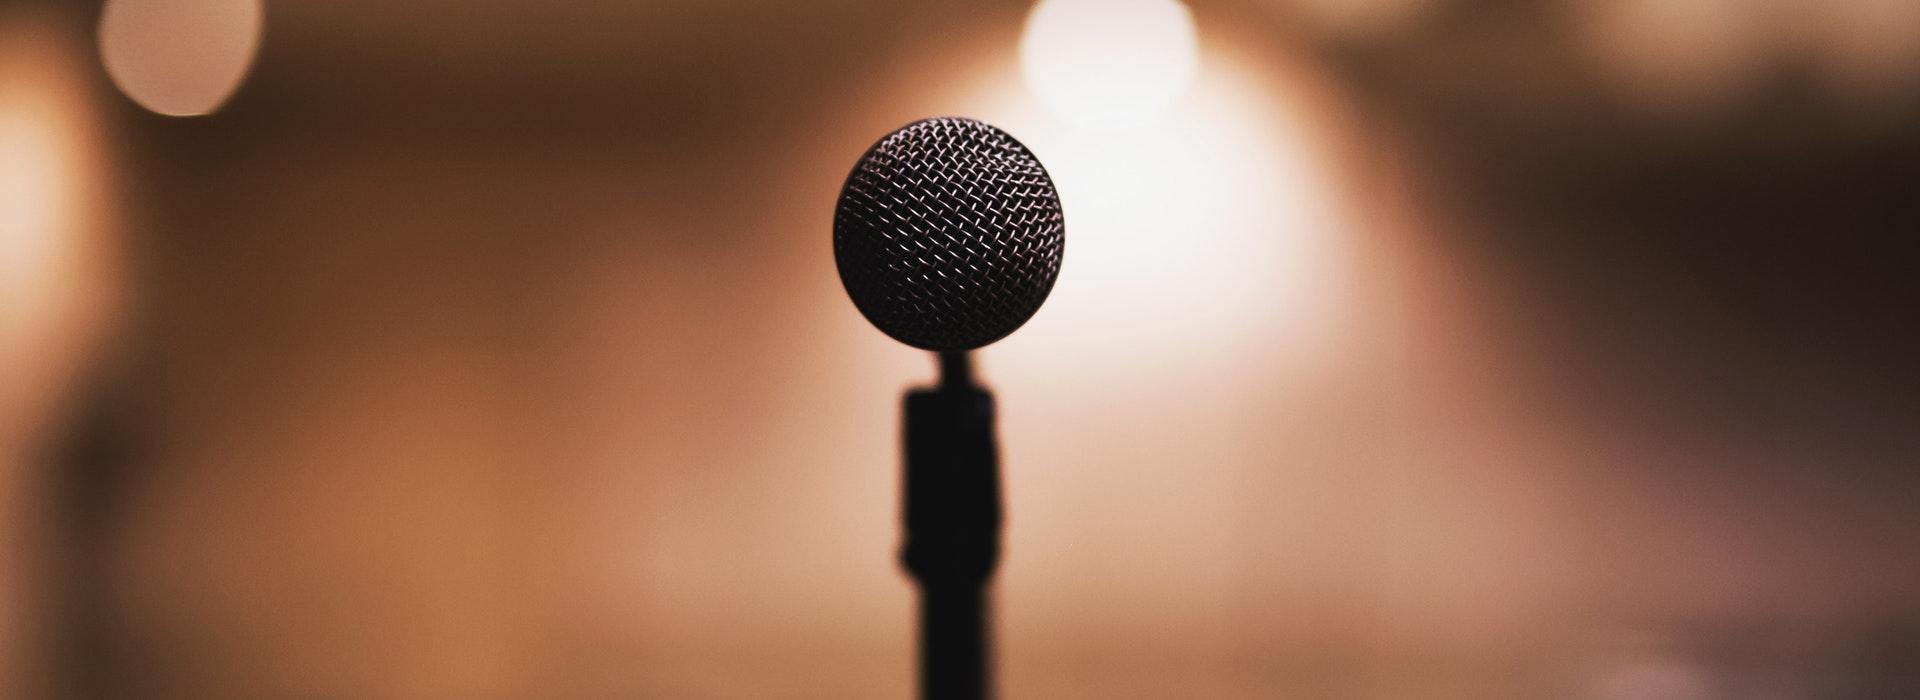 Gros plan sur un microphone sur fond flou